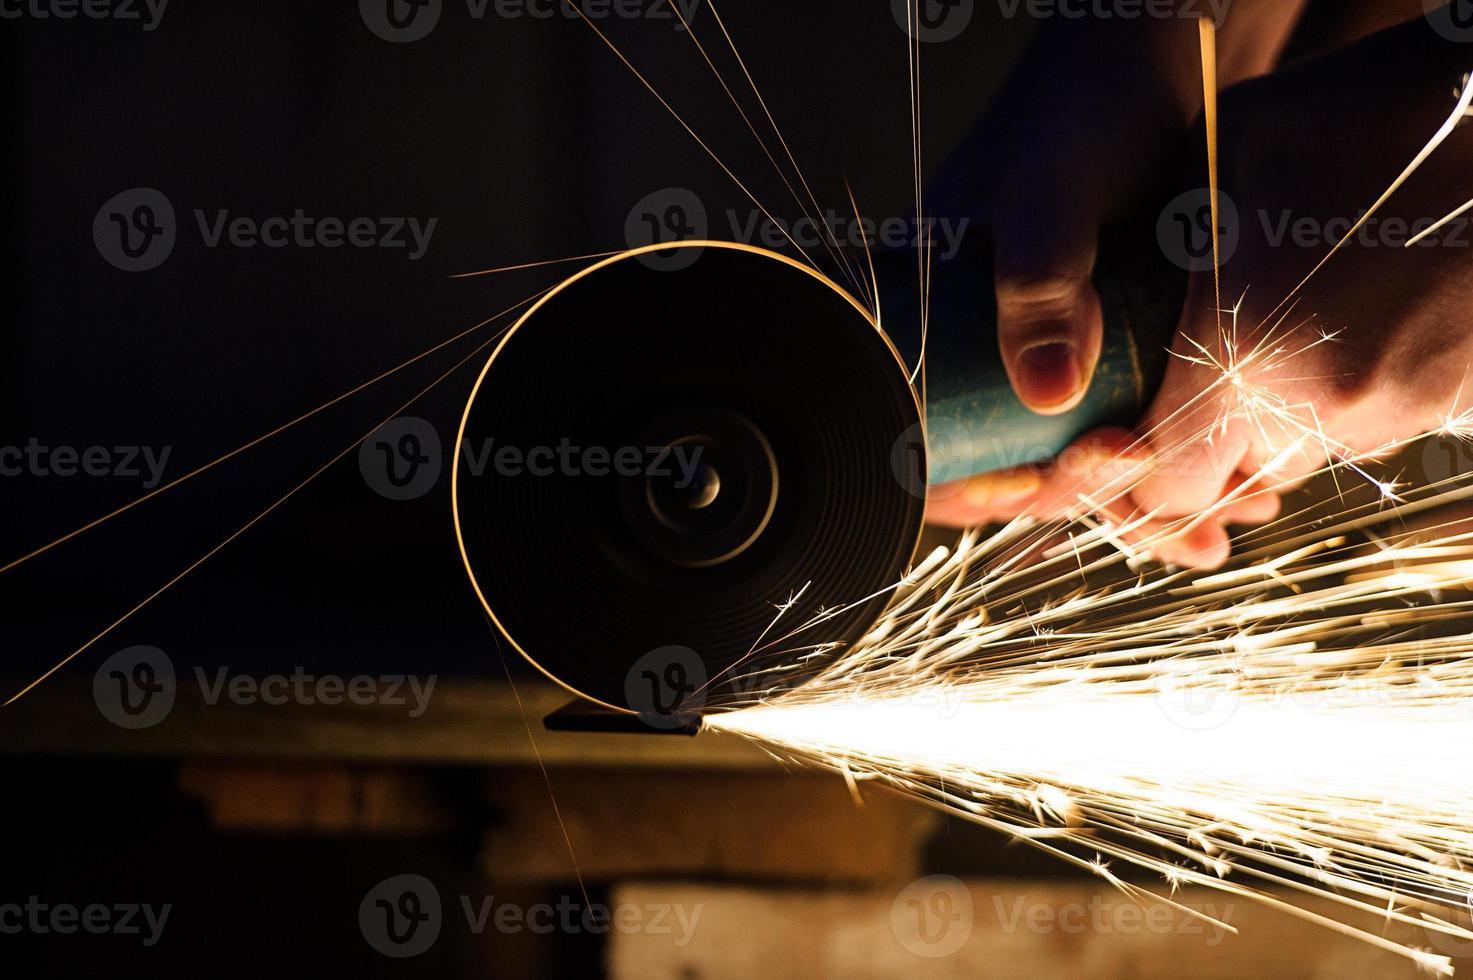 Rectificado de metal en tubo de acero de cerca foto